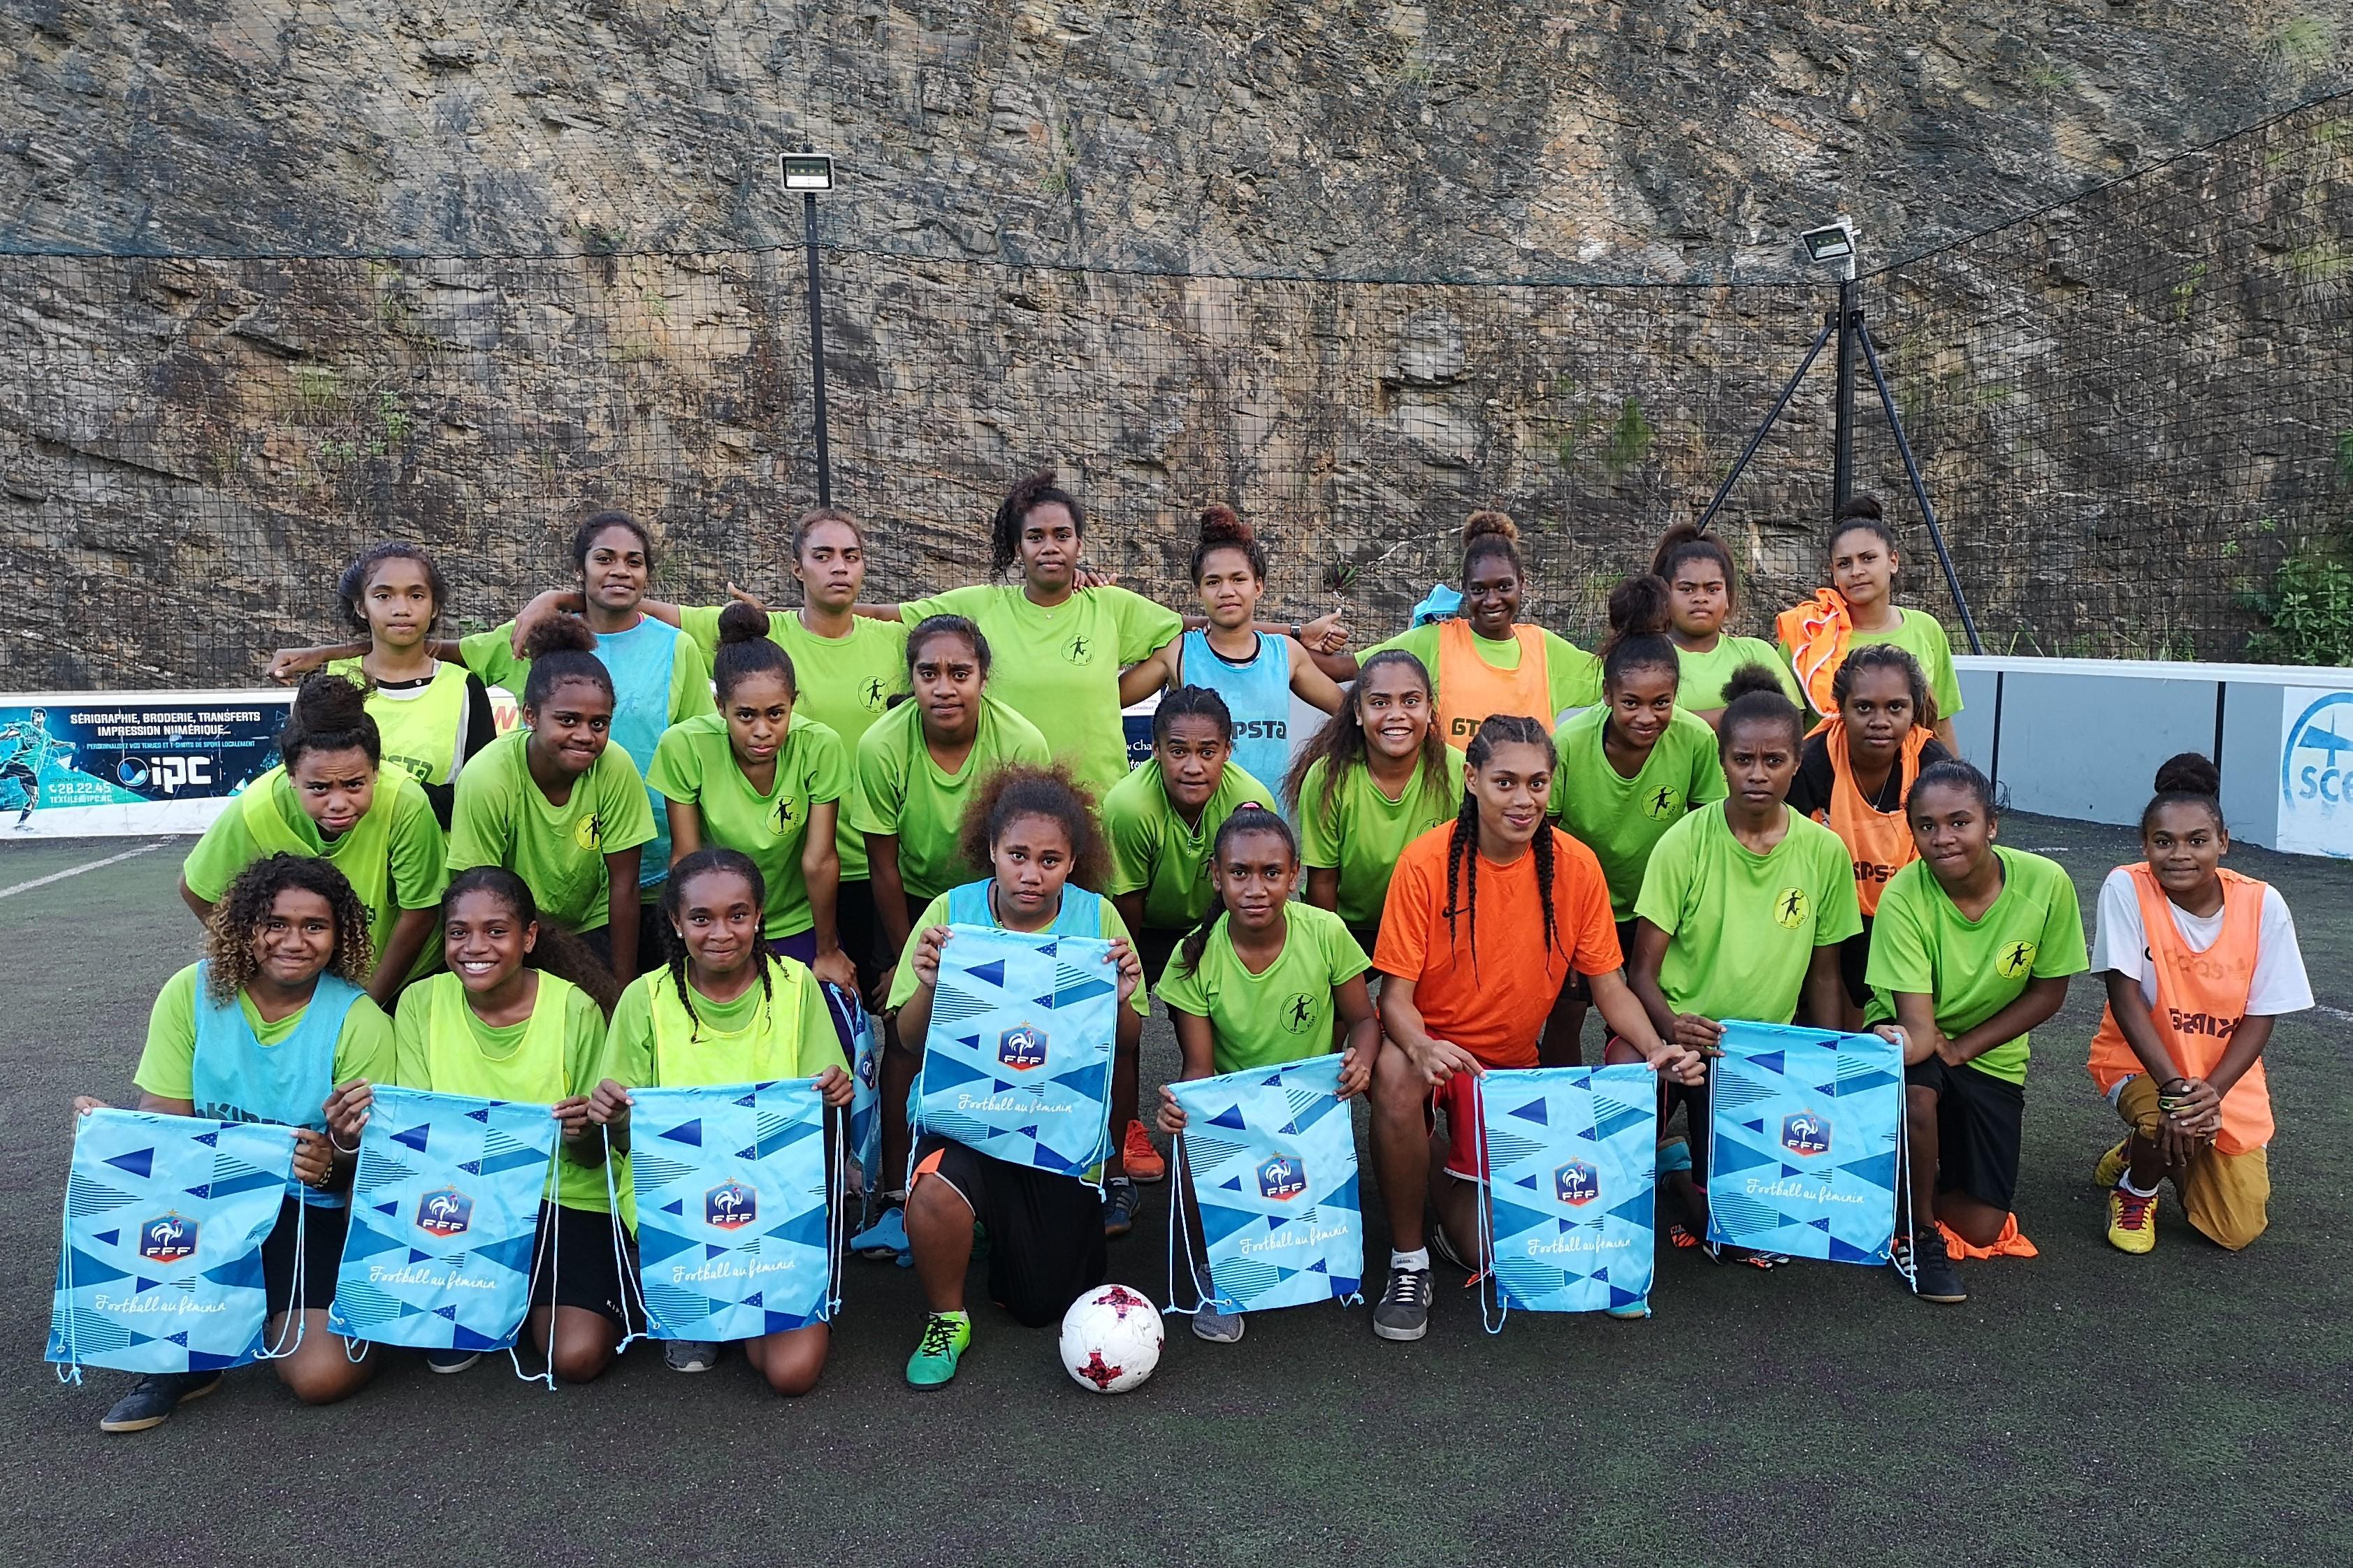 Les filles à l'honneur / Journée promotionnelle du Football Féminin (mai 2019)